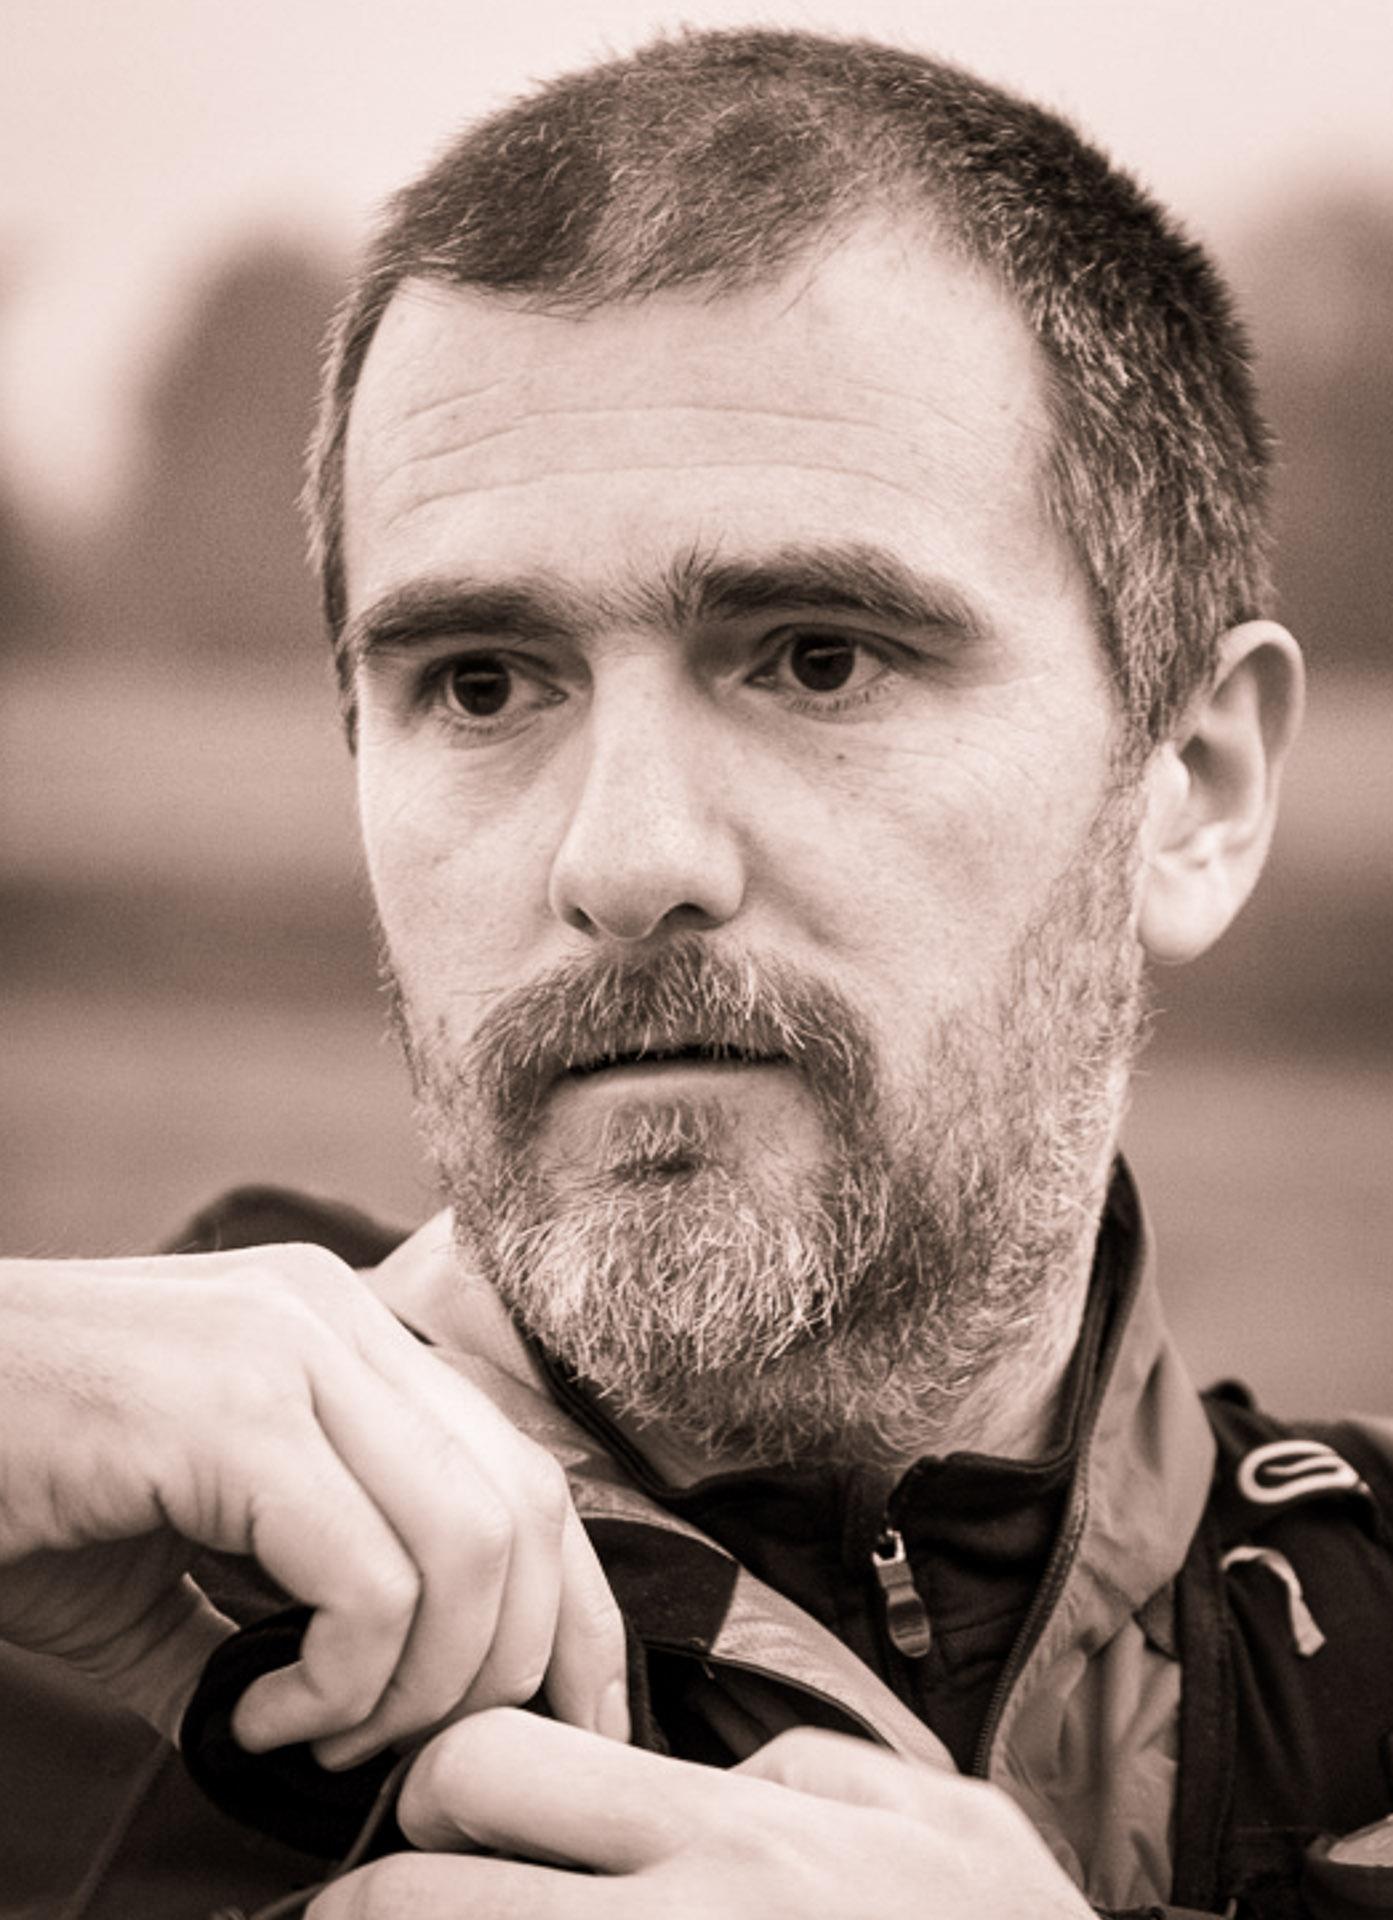 Daniel BLONSKI